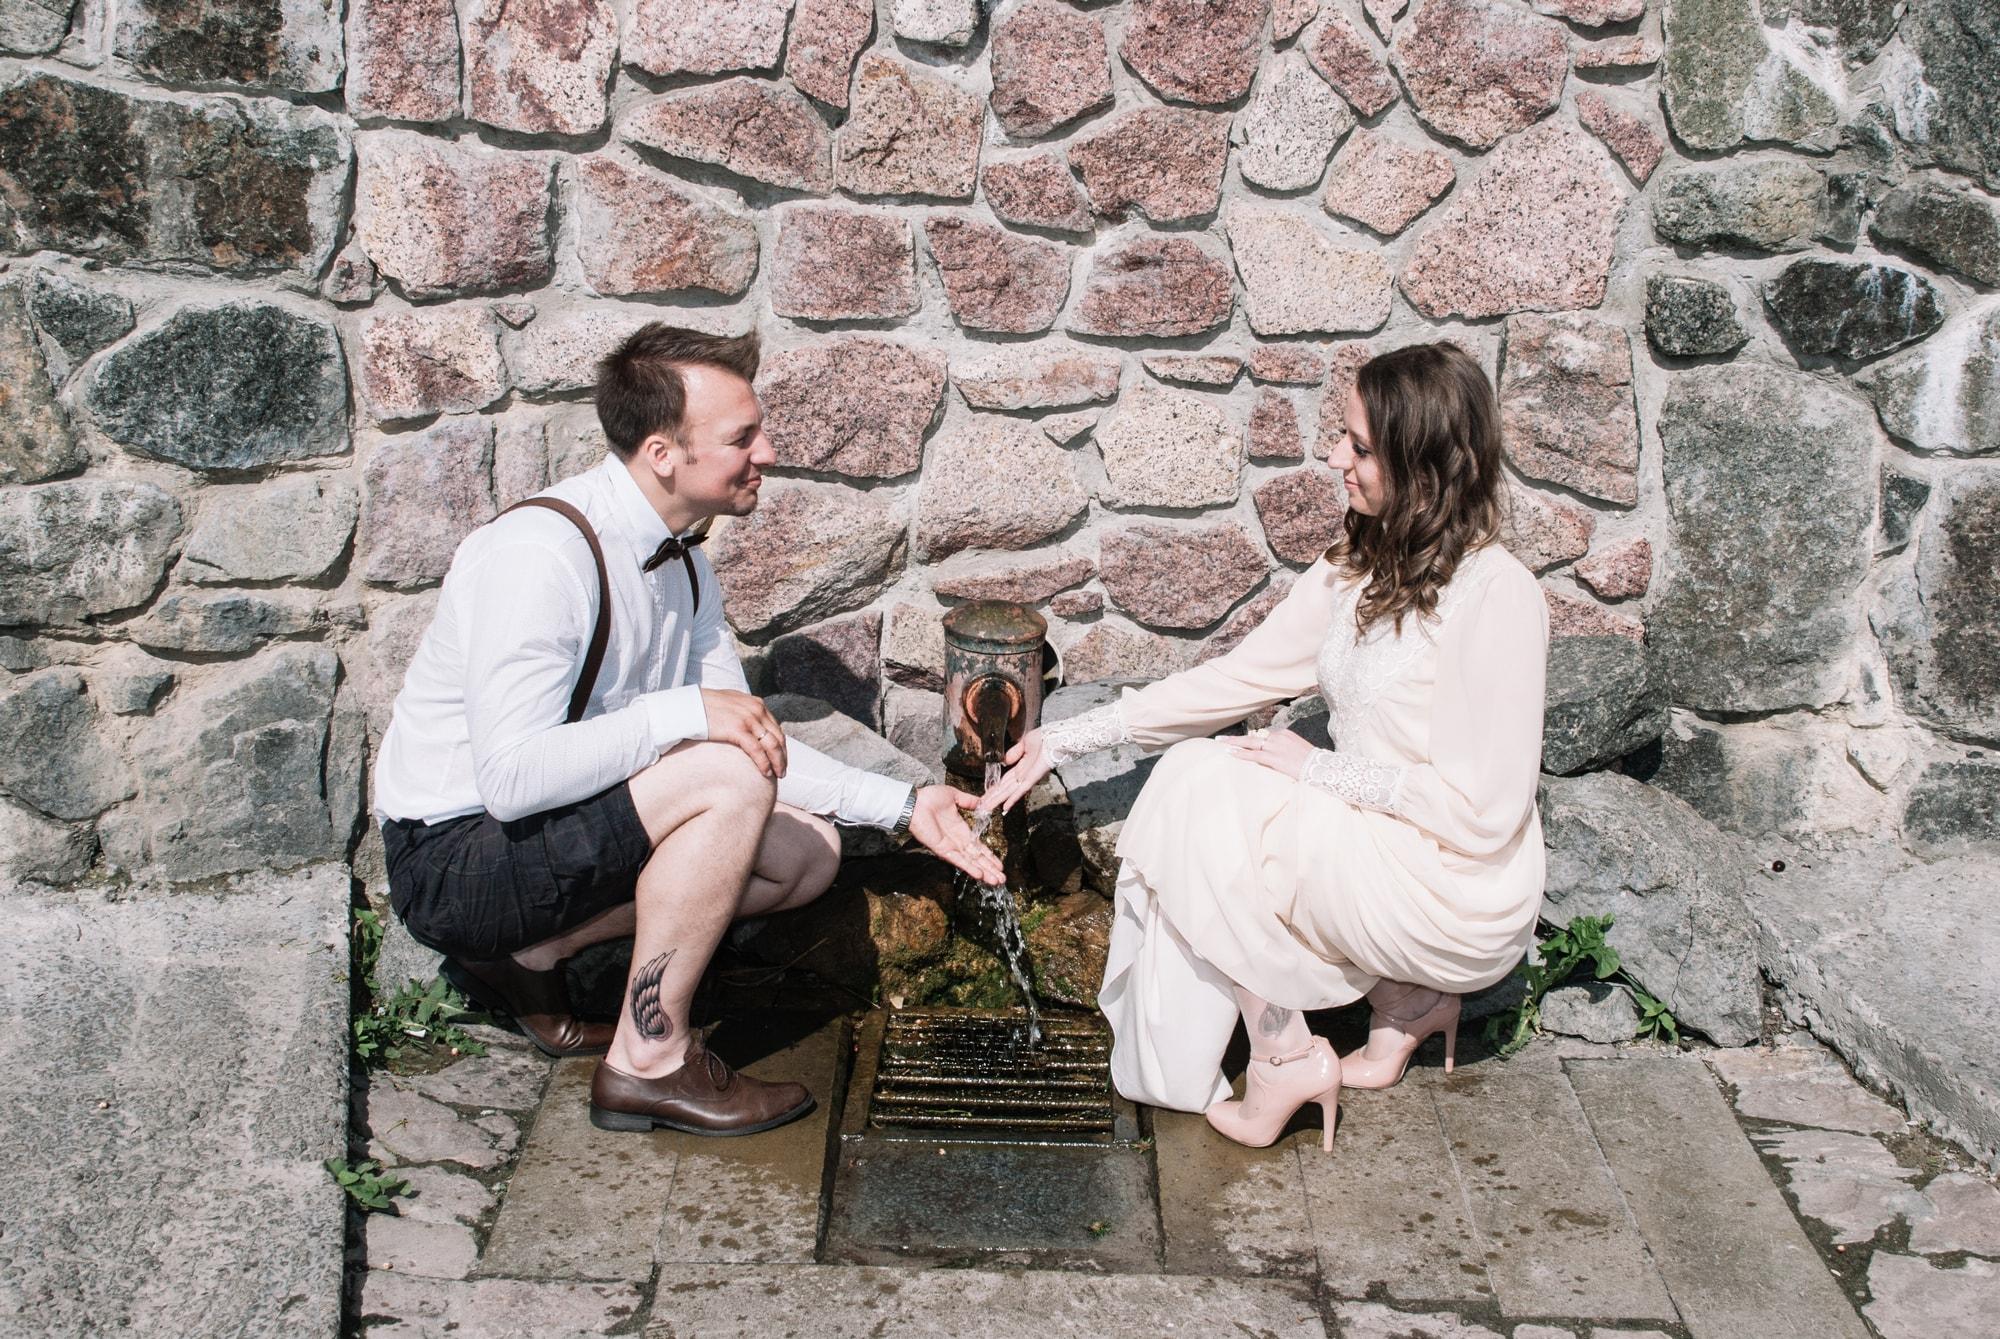 Пара возле источника - Фотограф Киев - Женя Лайт